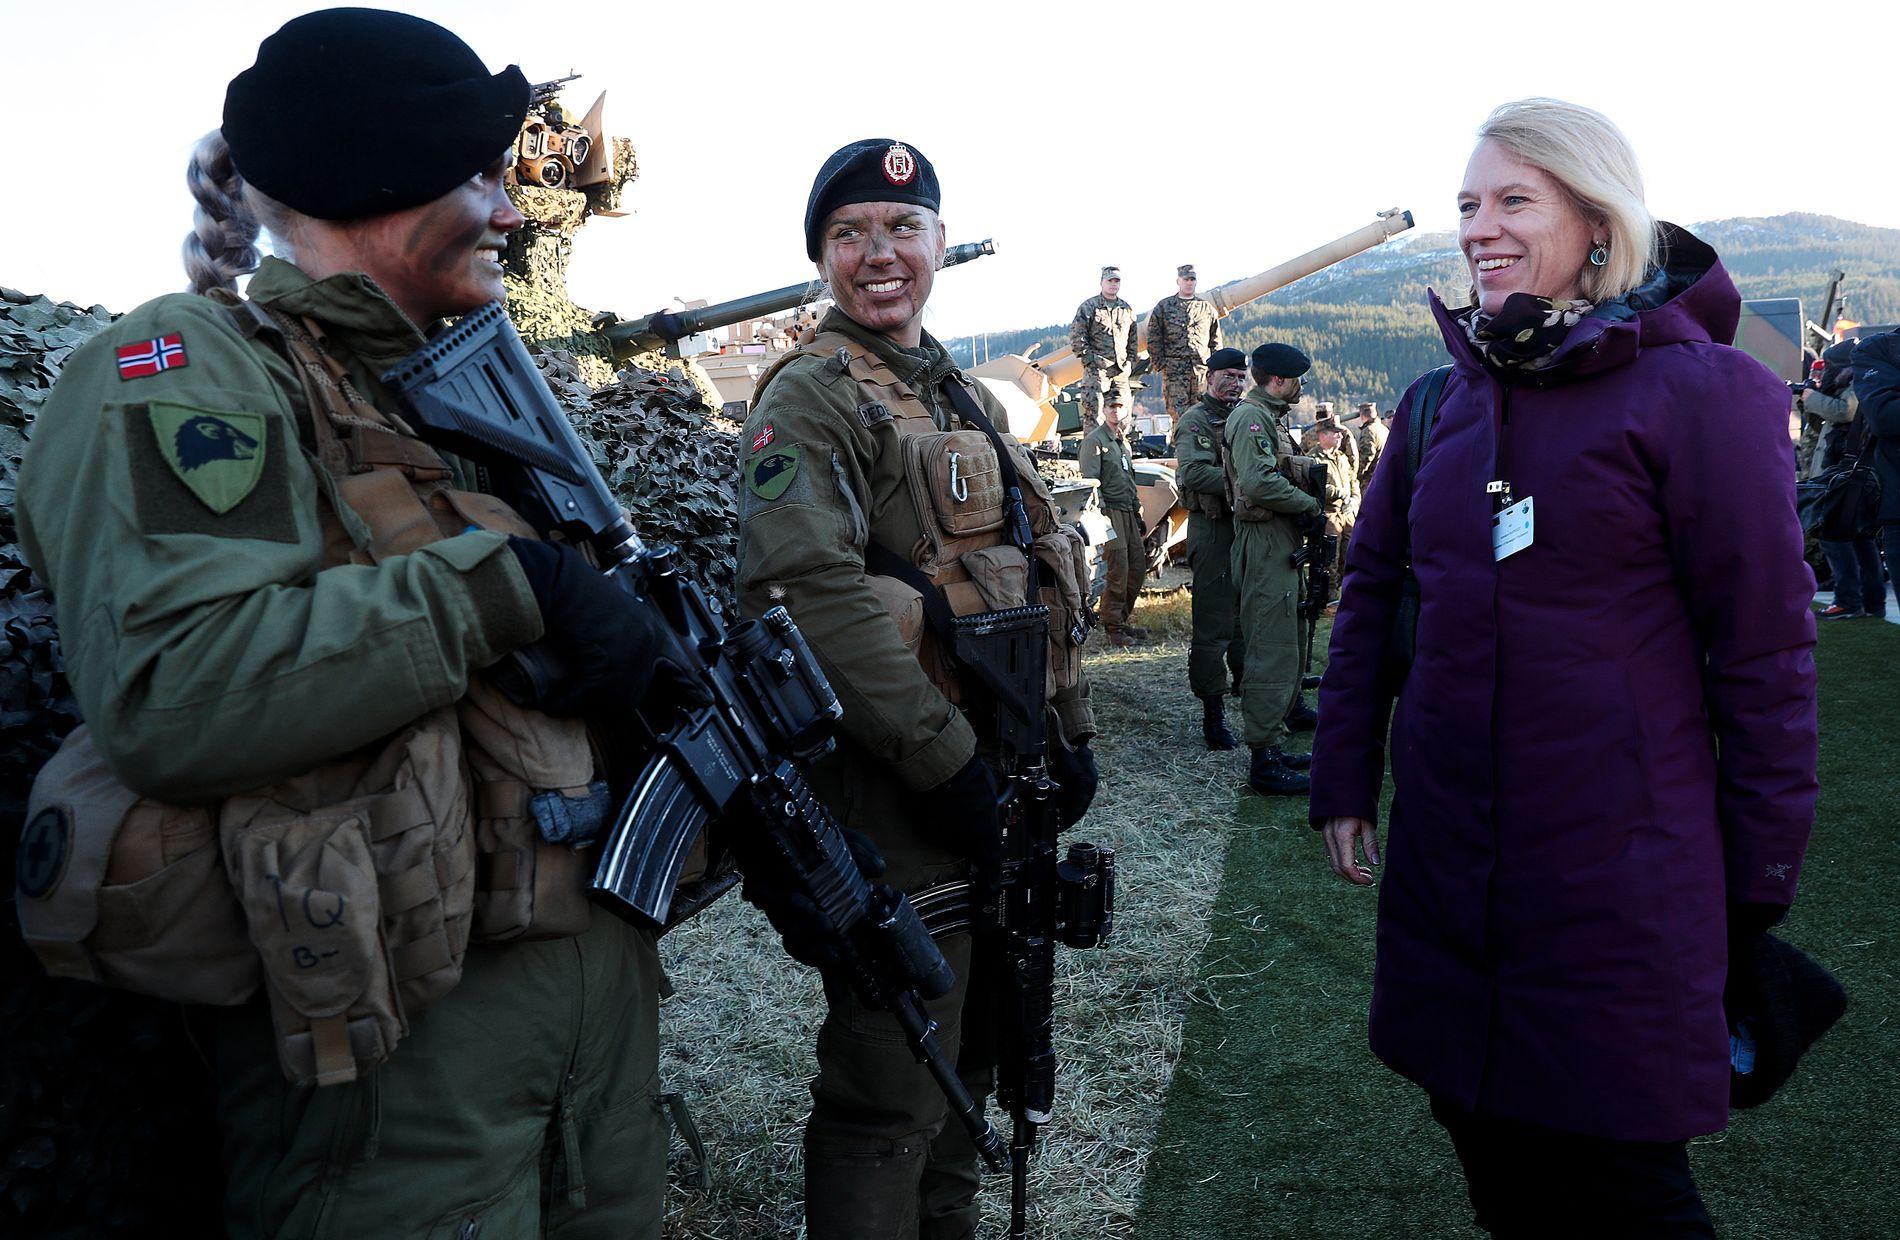 ØVELSE: Anniken Huitfeldt (Ap), fotografert under NATO-øvelsen Trident Juncture 30.oktober. Soldatene tilhører Brigadens panserbataljon.